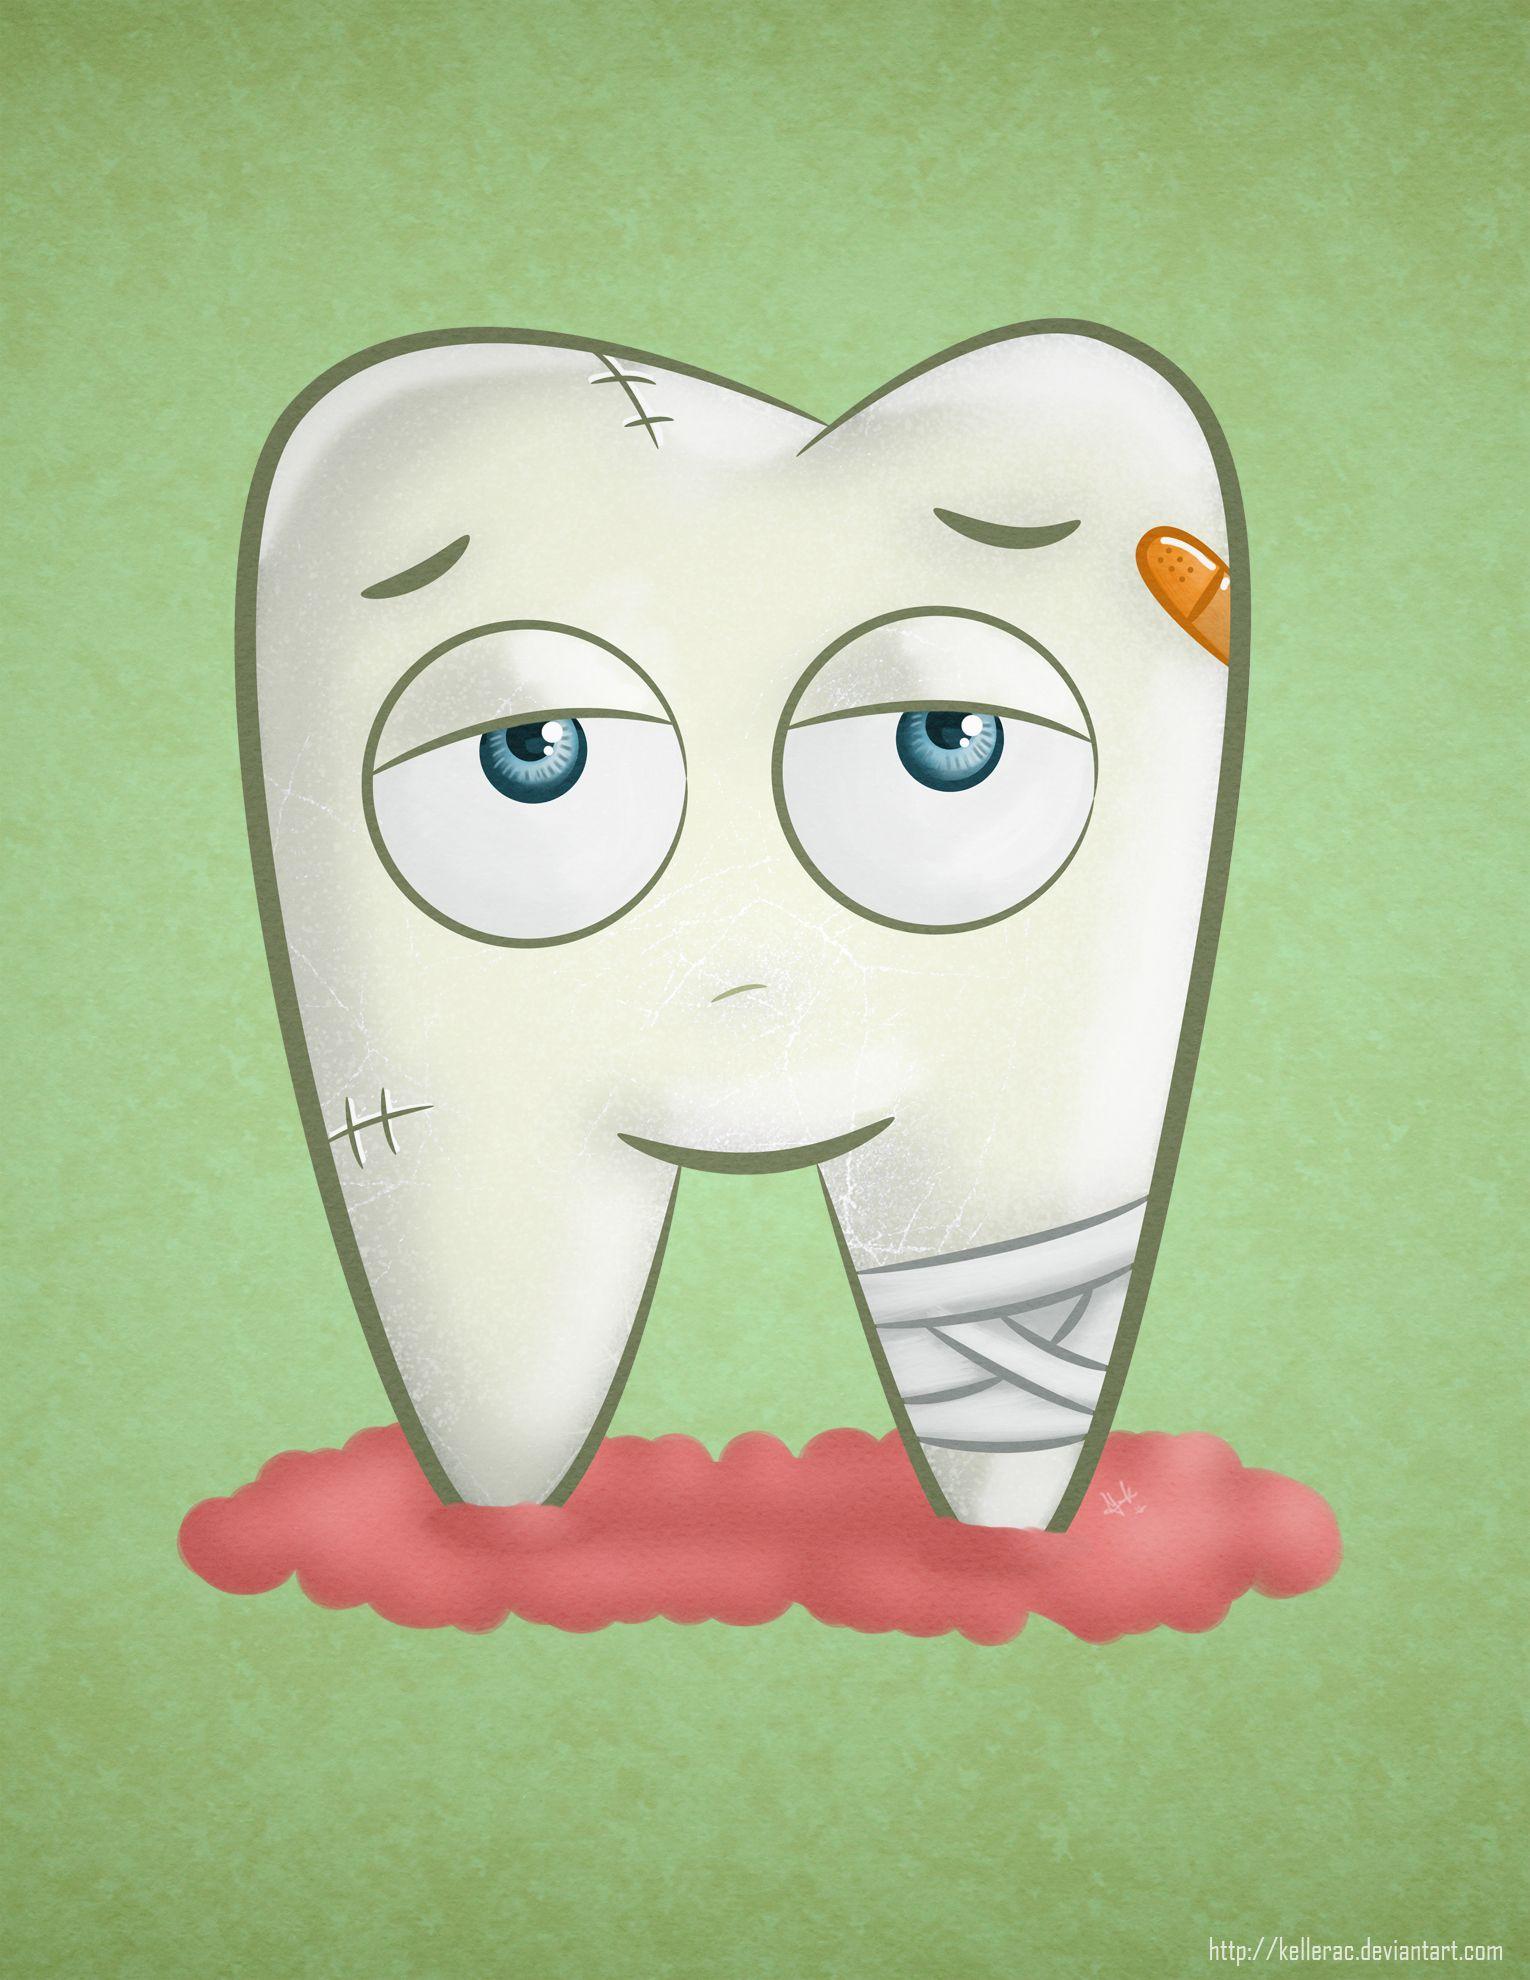 Cartoon Sick Tooth     Diente enfermo de caricatura  35d65868f1d9